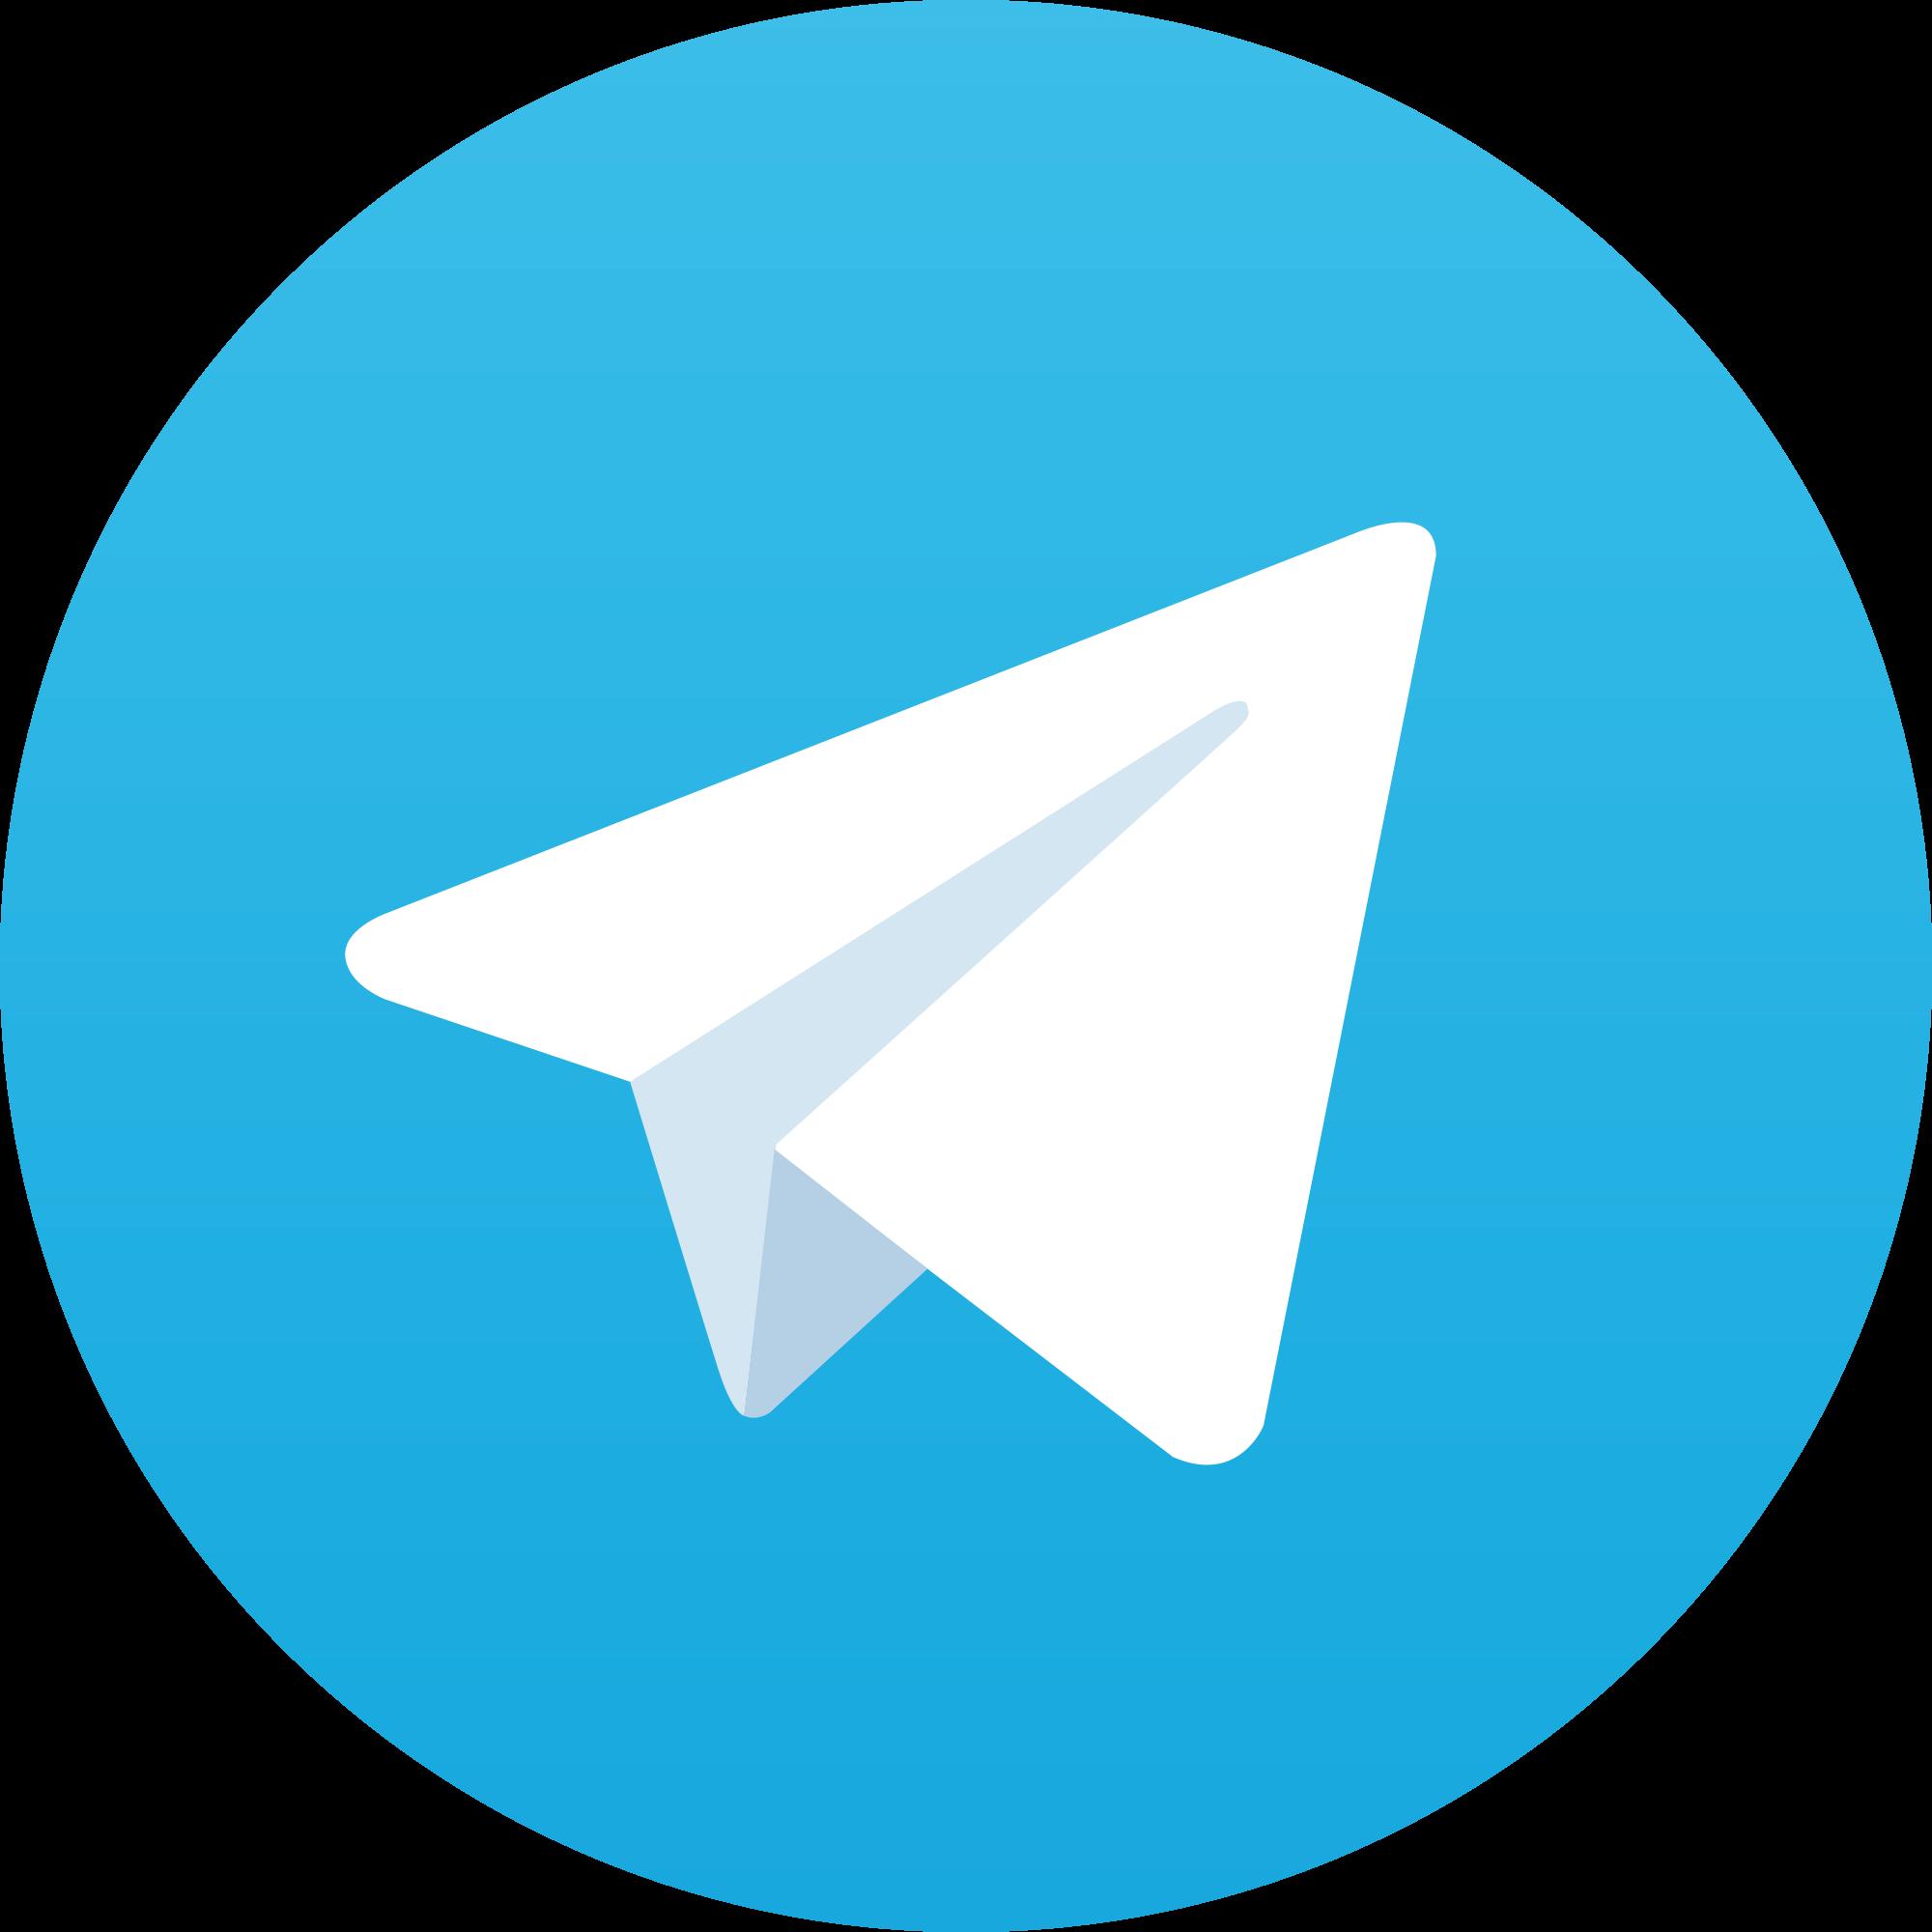 تلگرام دانش سرمایه آرکا